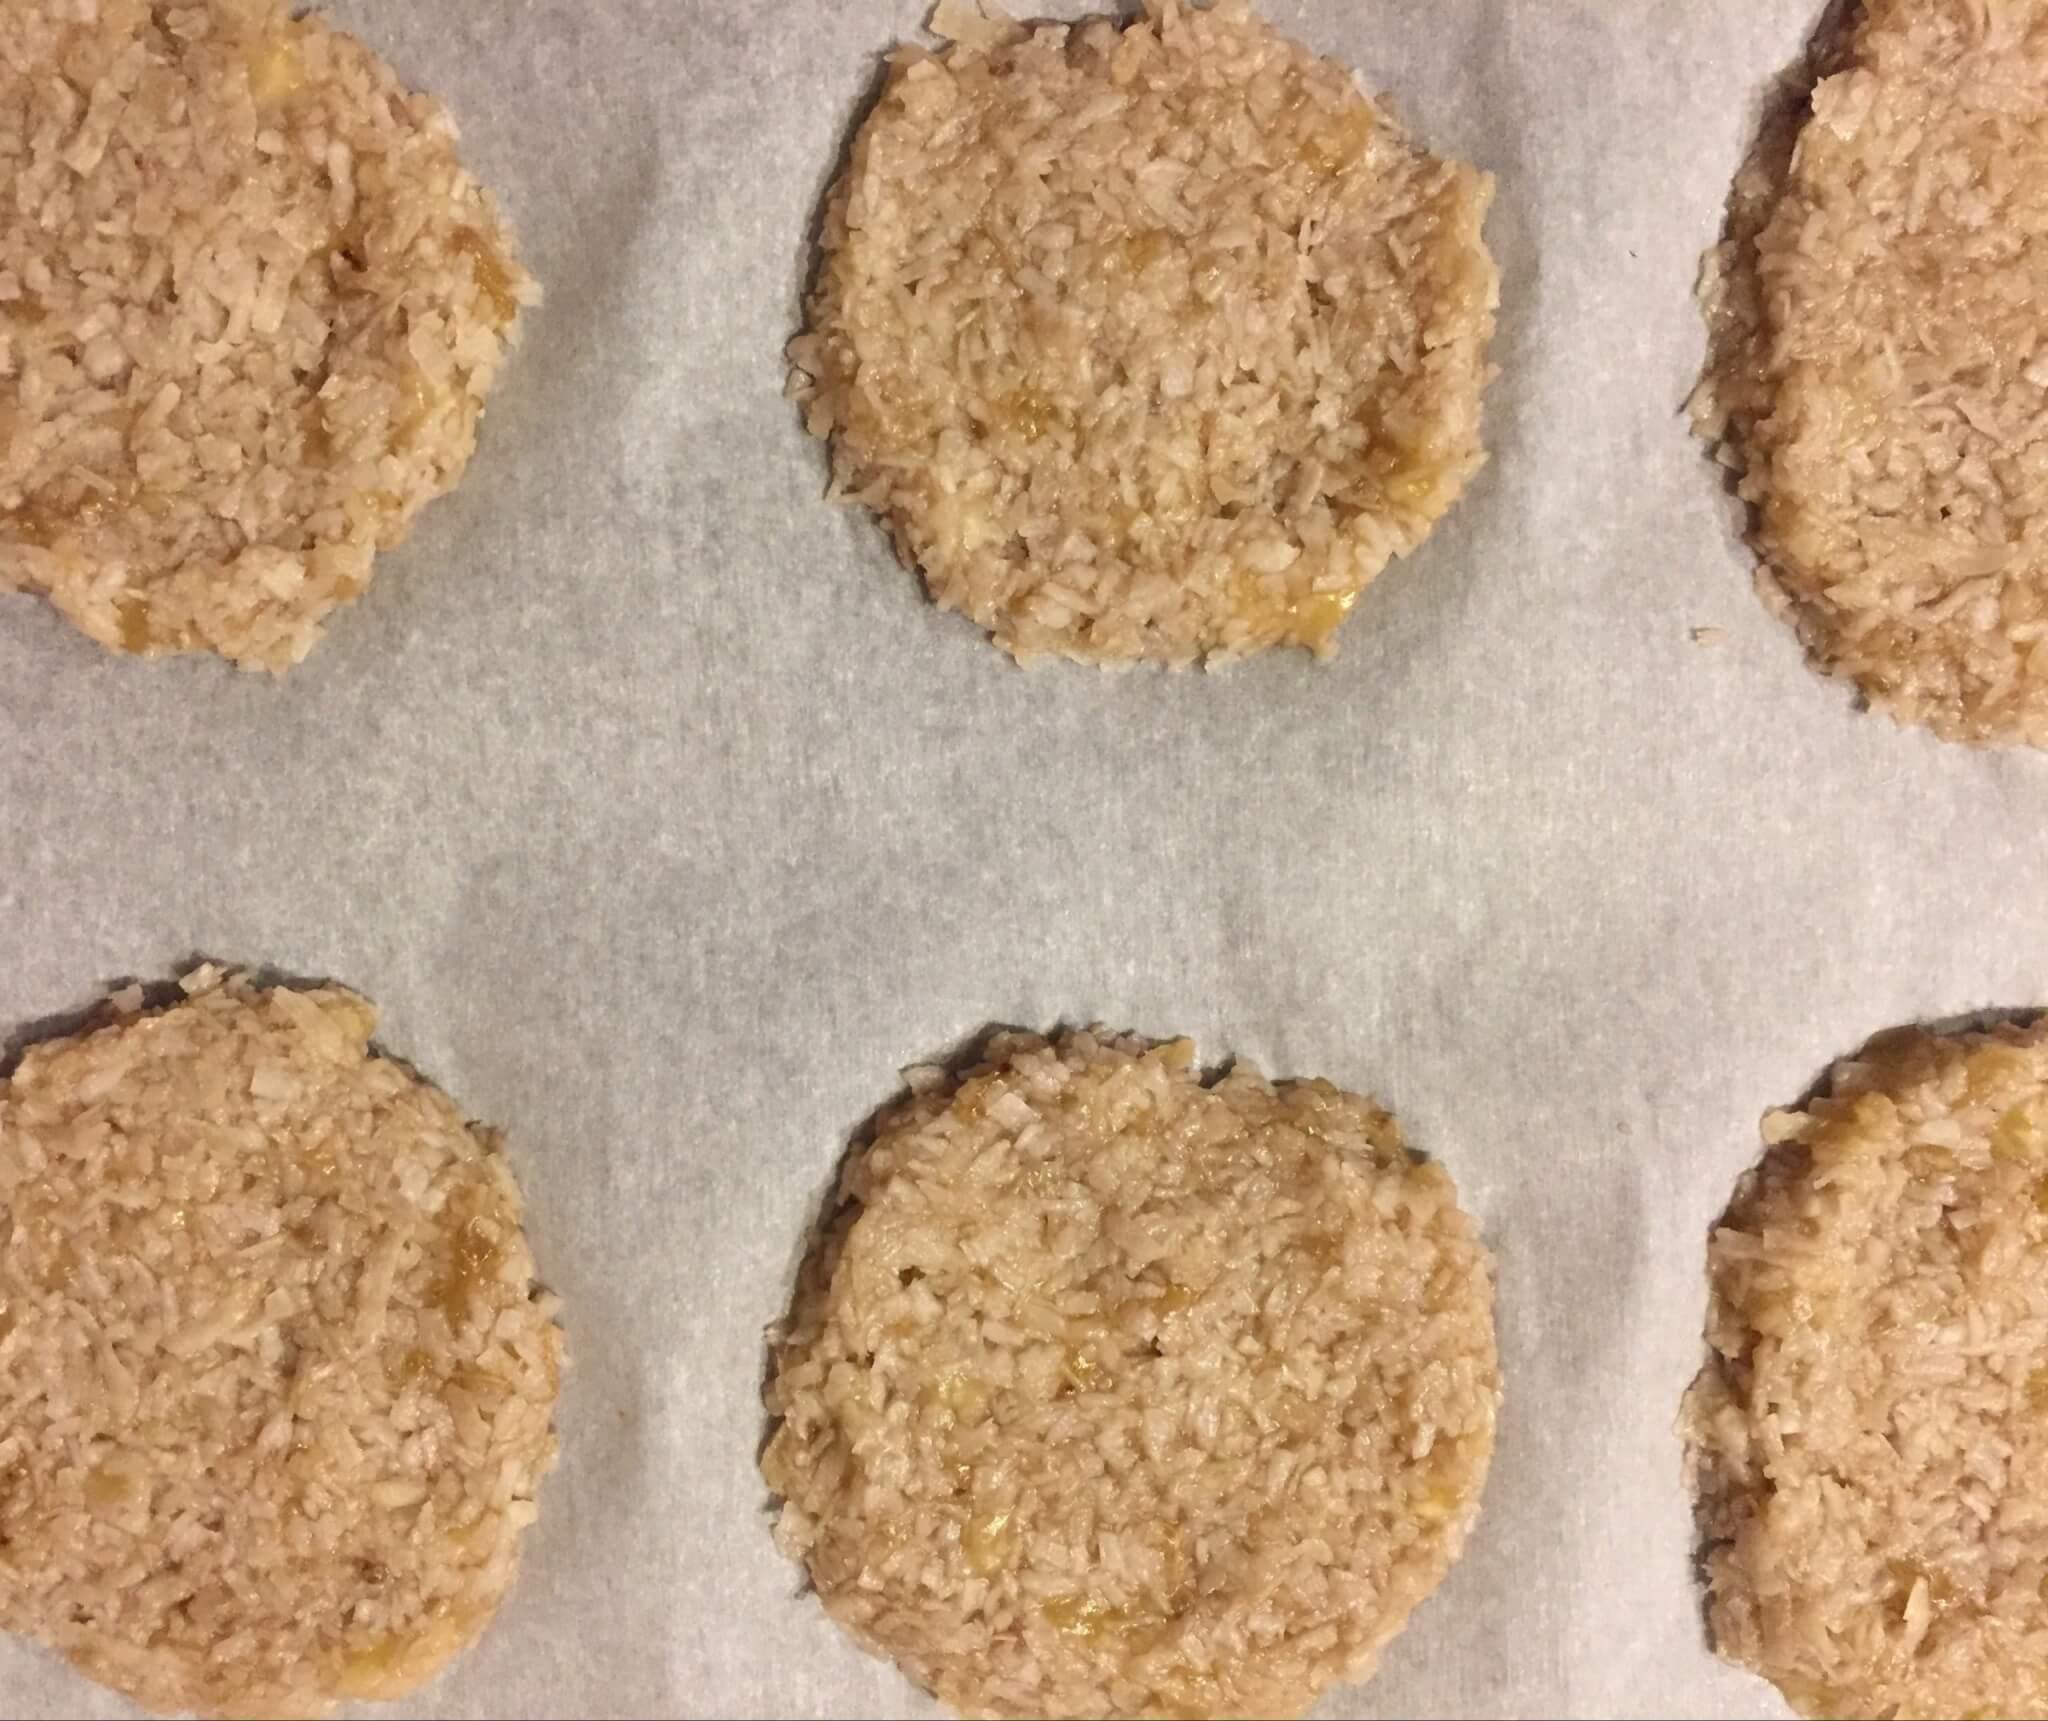 banana-coconut-cookies-pre-oven.jpg